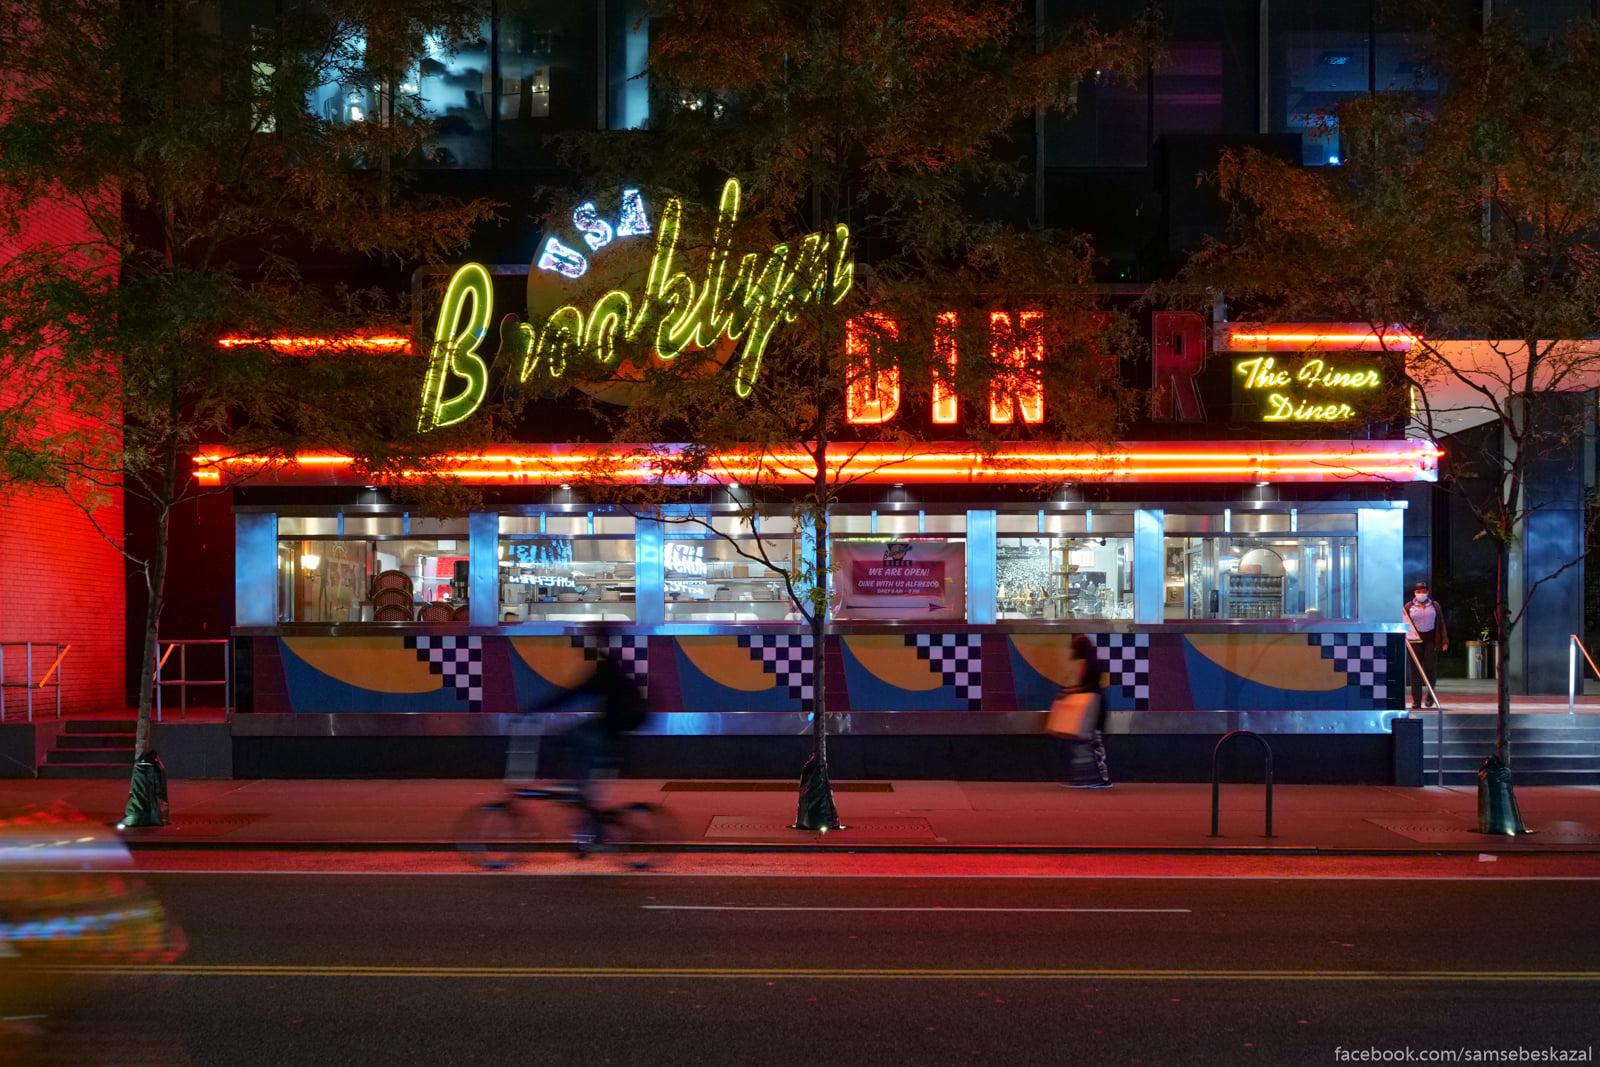 Bruklin-dajner na 57-j ulice.